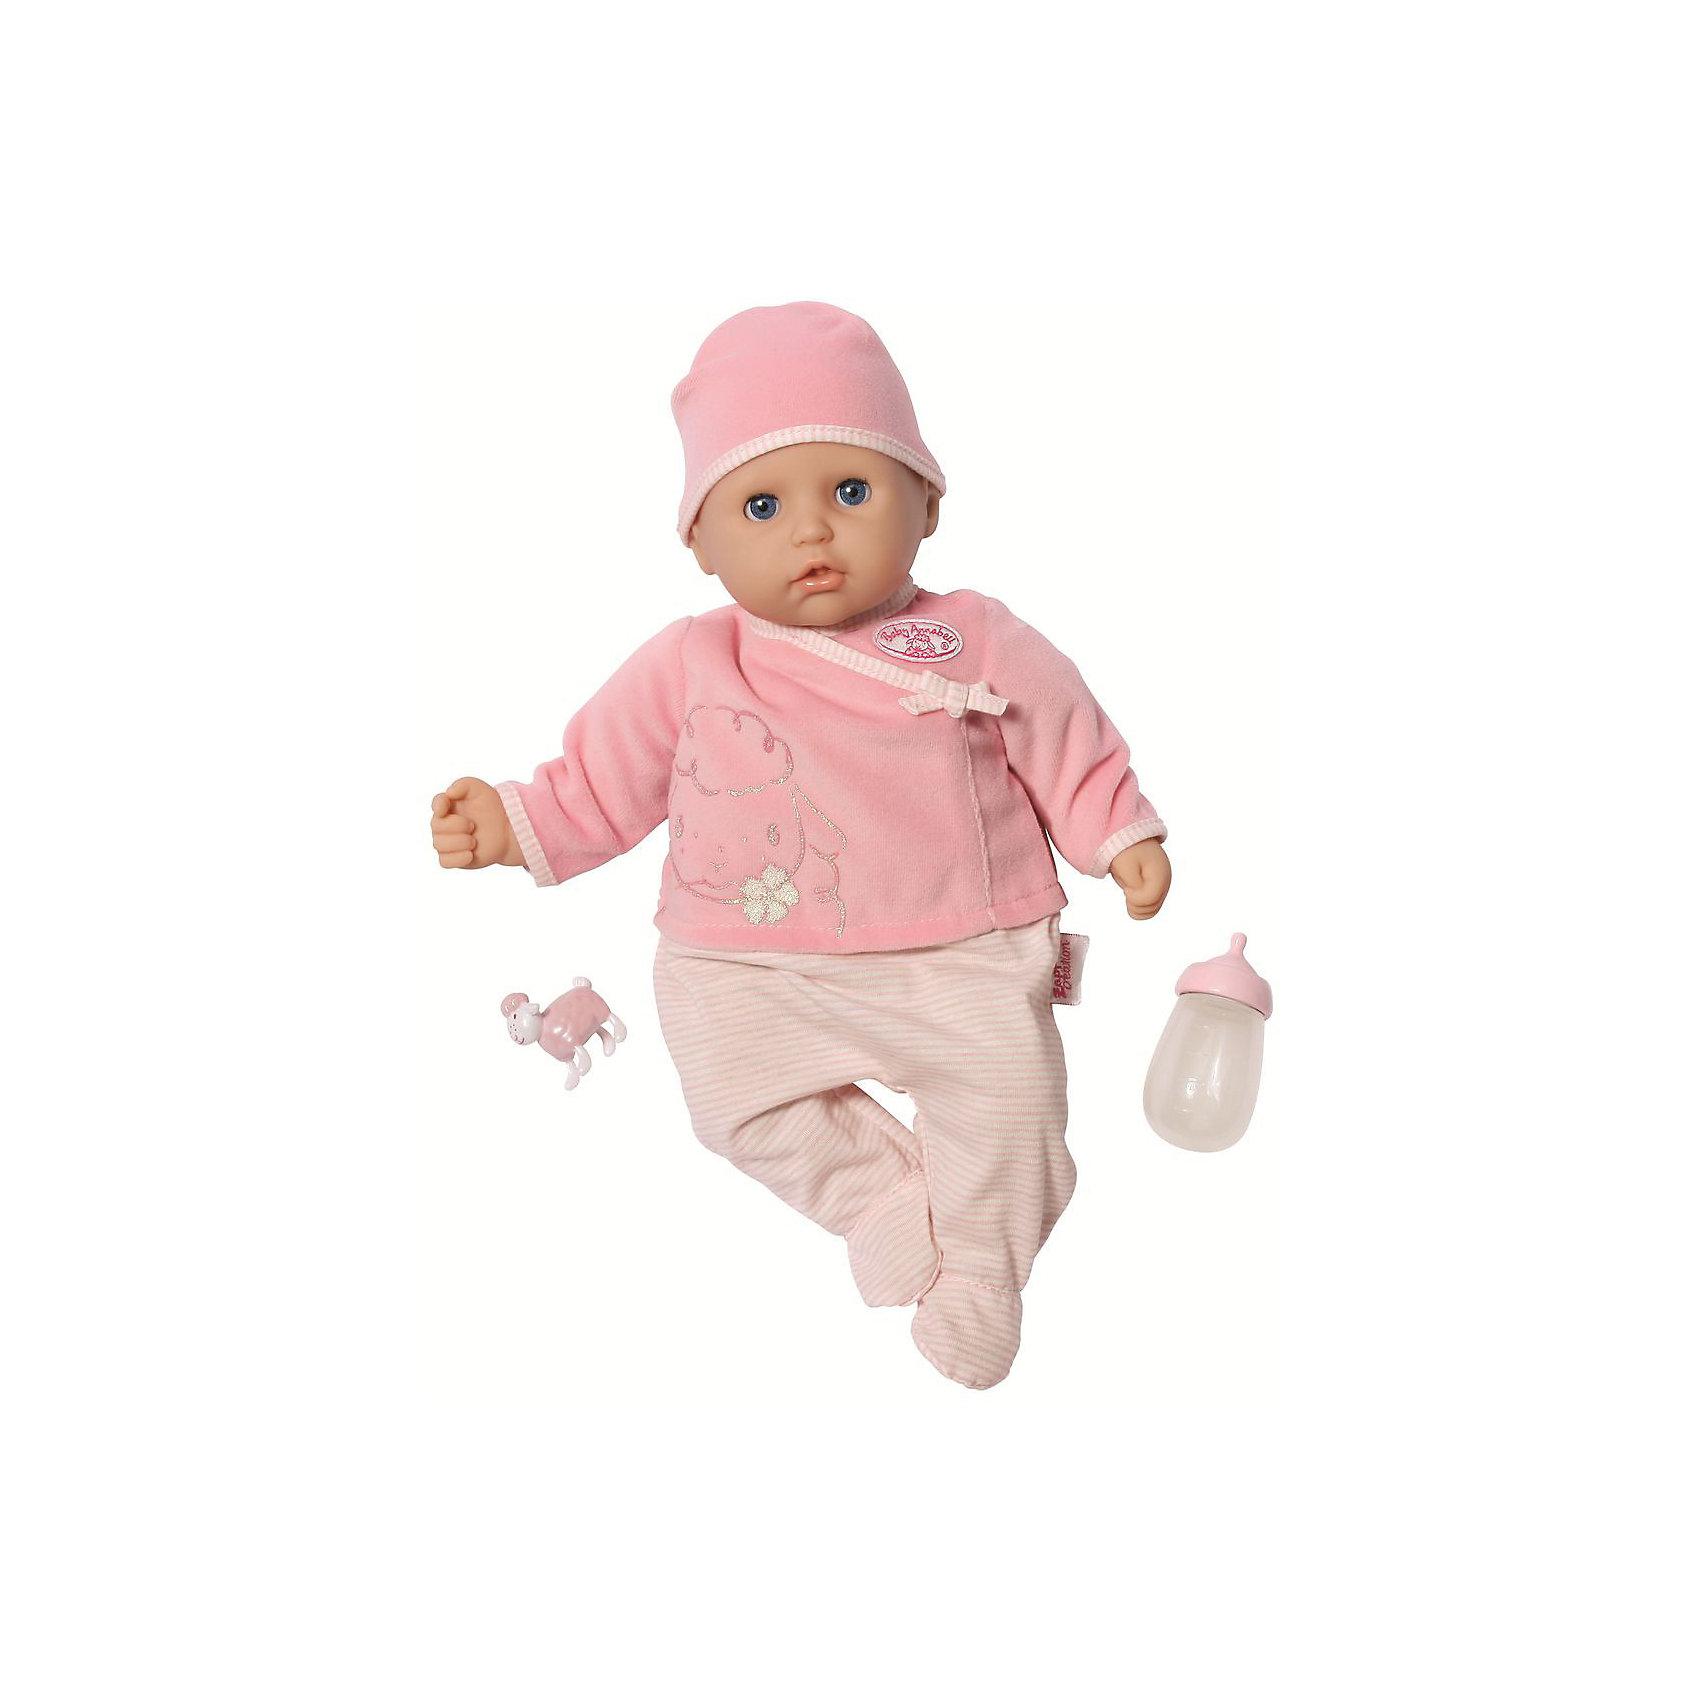 Кукла Давай играть, 36 см, Baby Annabell